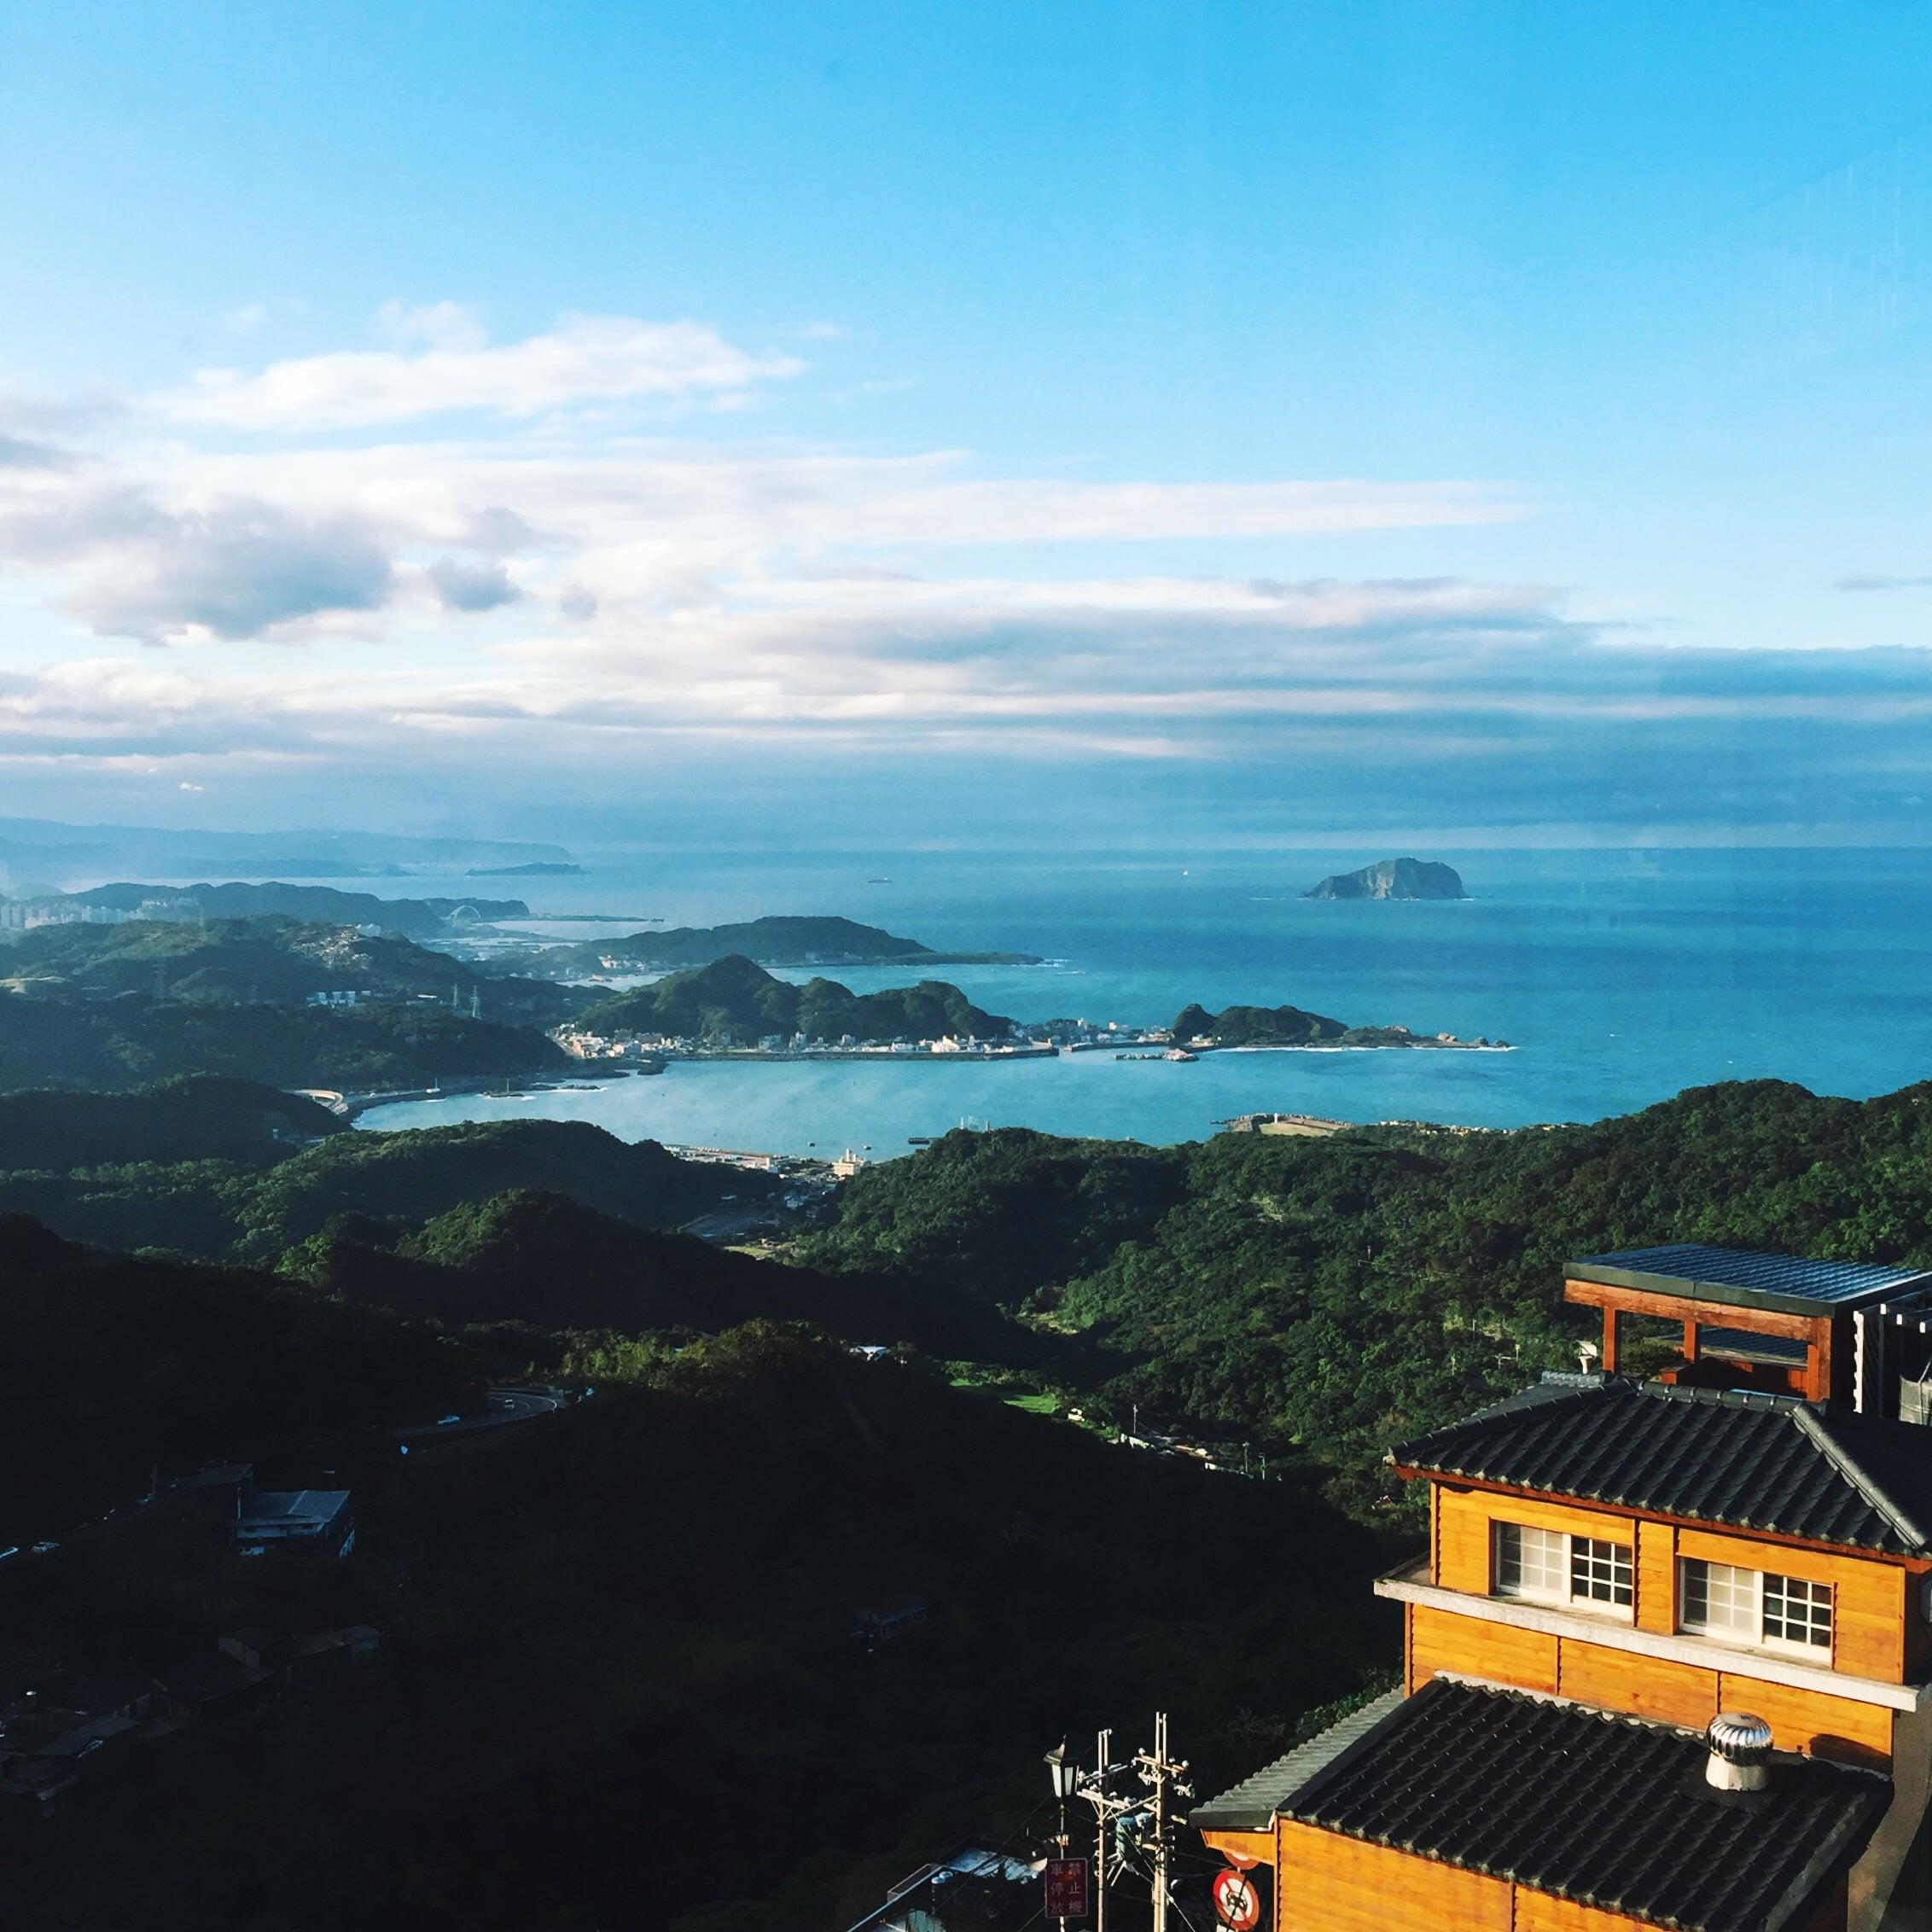 JIOUFEN | TAIWAN